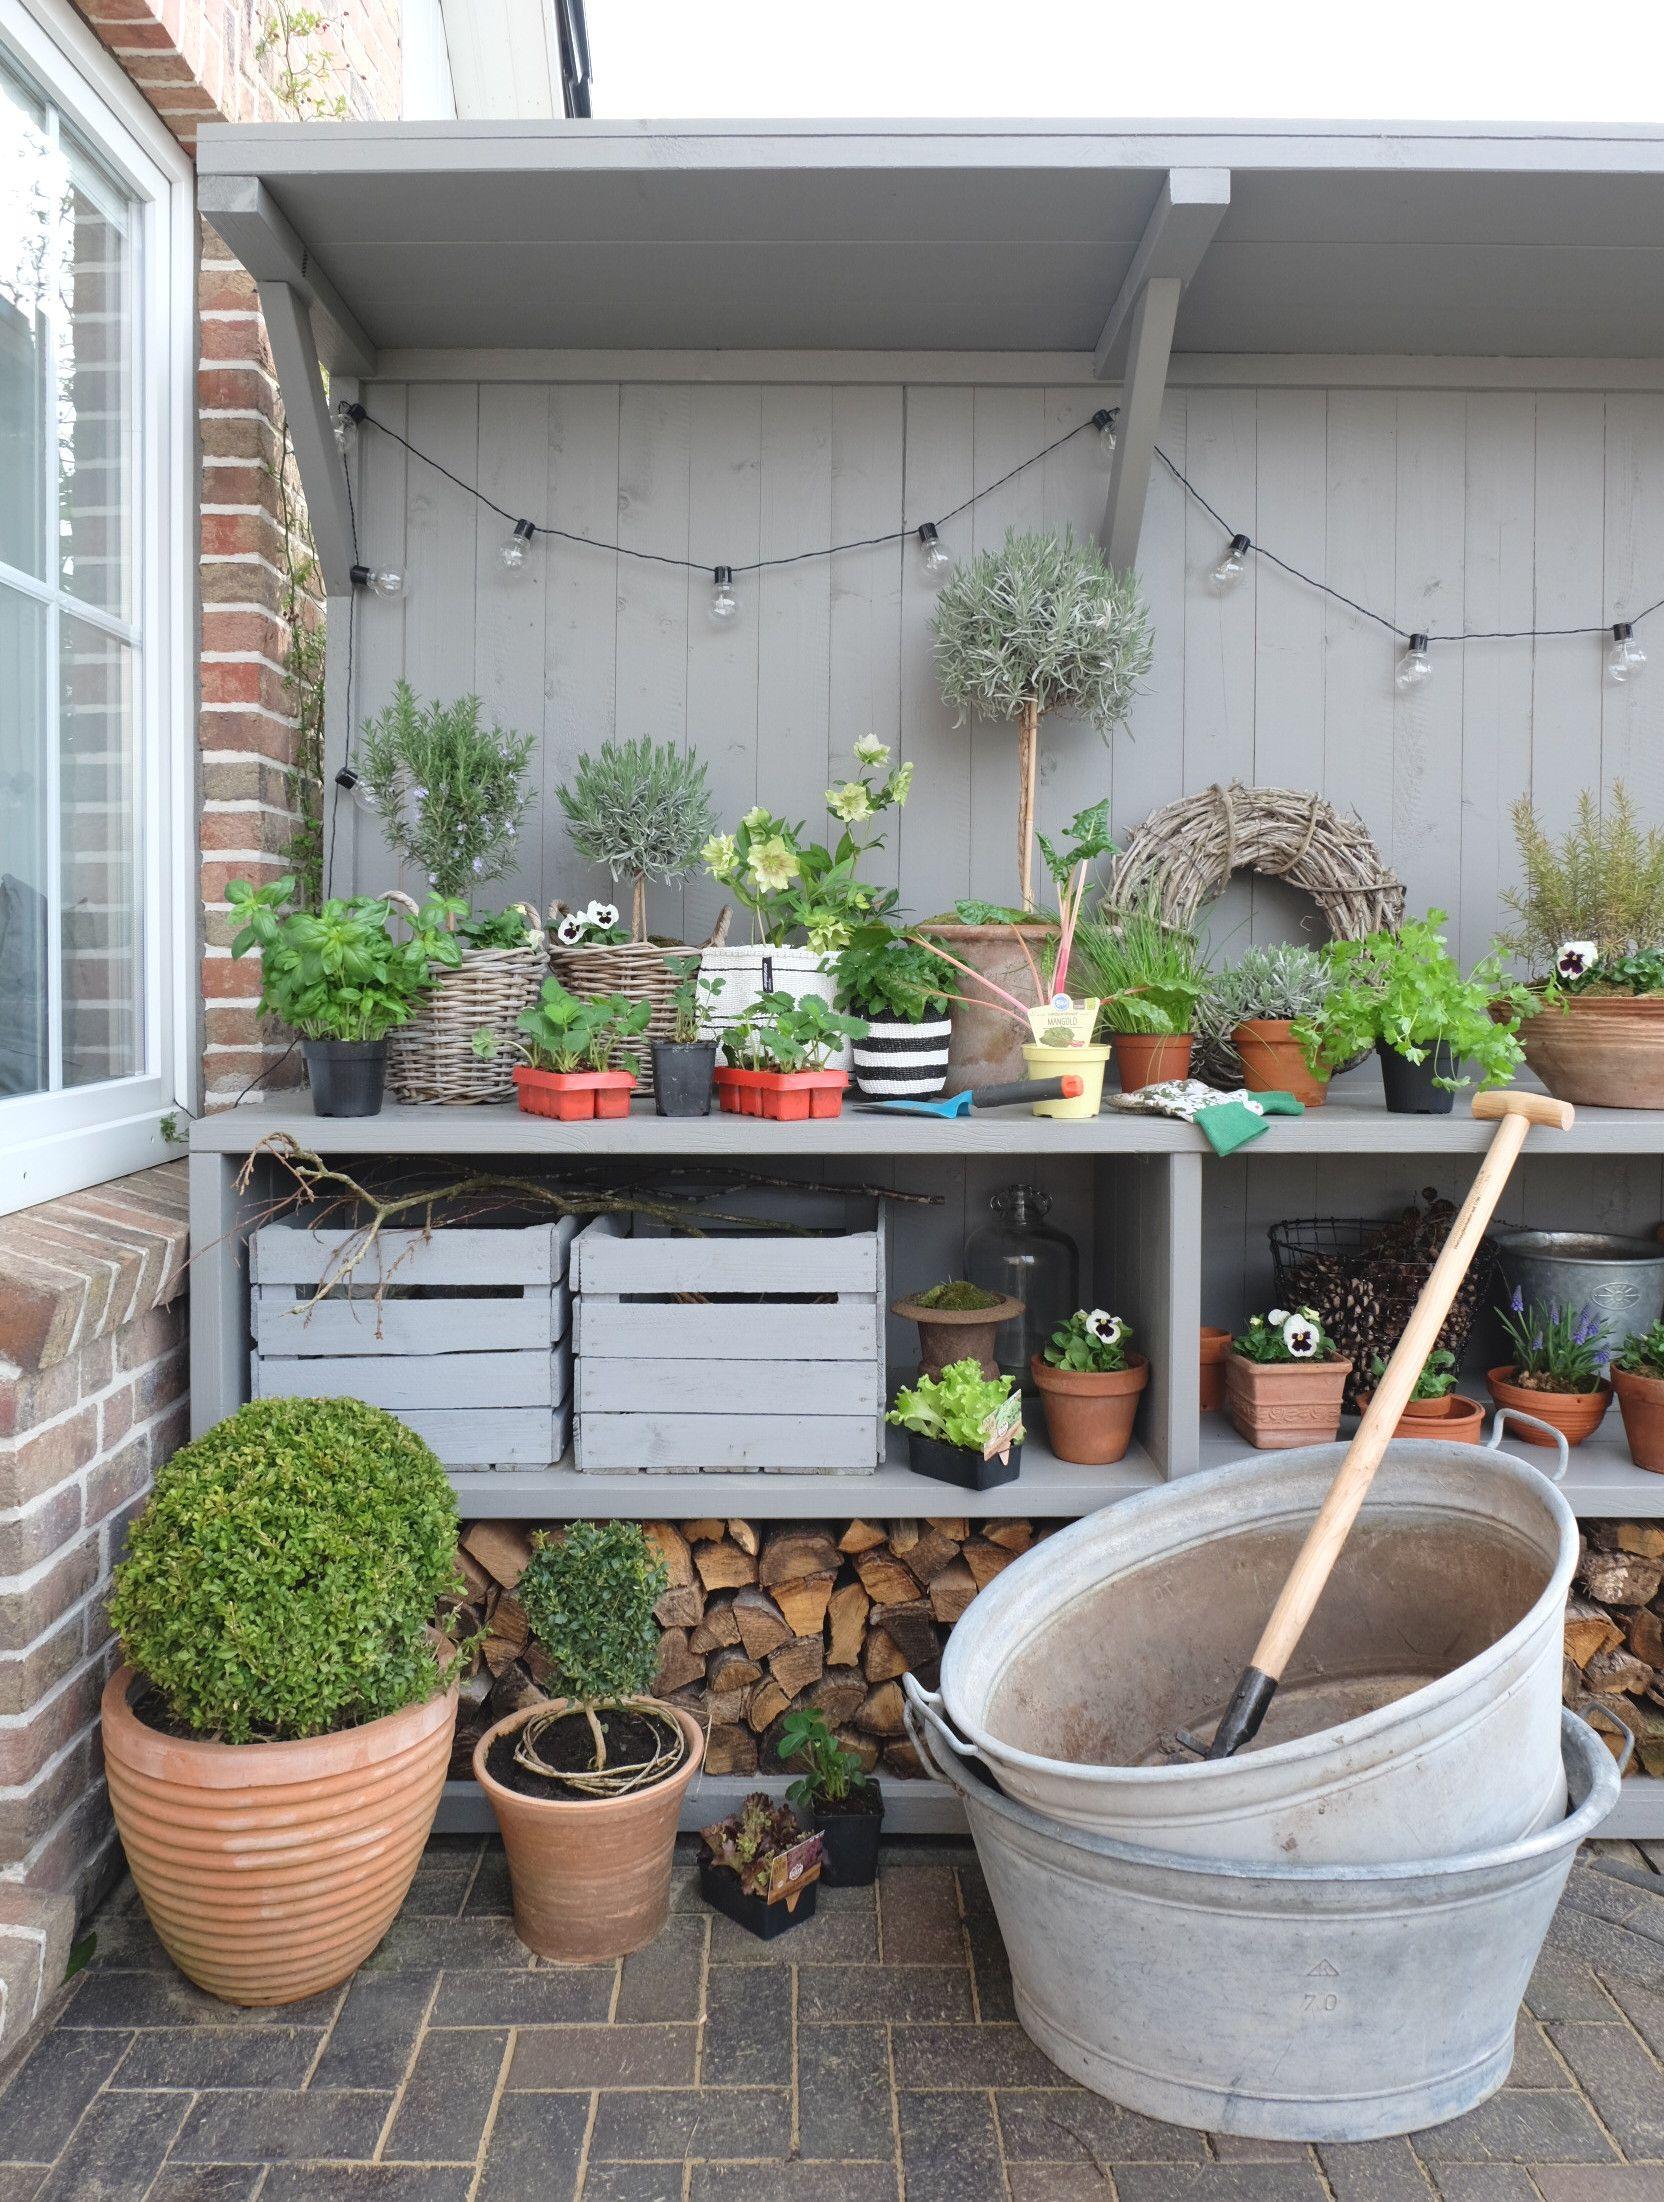 Perfekt Ein Gemüsebeet Auf Der Terrasse Gemüsebeet Erstellen, Pflanztisch,  Hochbeet, Garten, Garden, Gartendeko, Dekoration, Flowers, Blumen, Haus,  Neubau, Home, ...